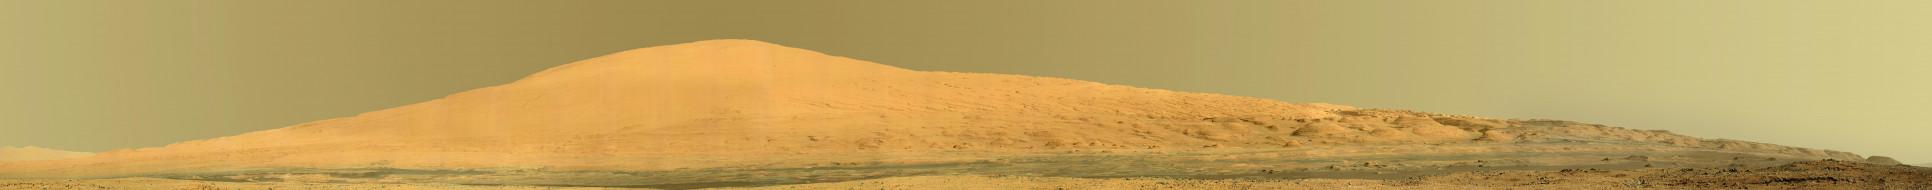 марс, космос, вселенная, грунт, планета, холм, равнина, вид, поверхность